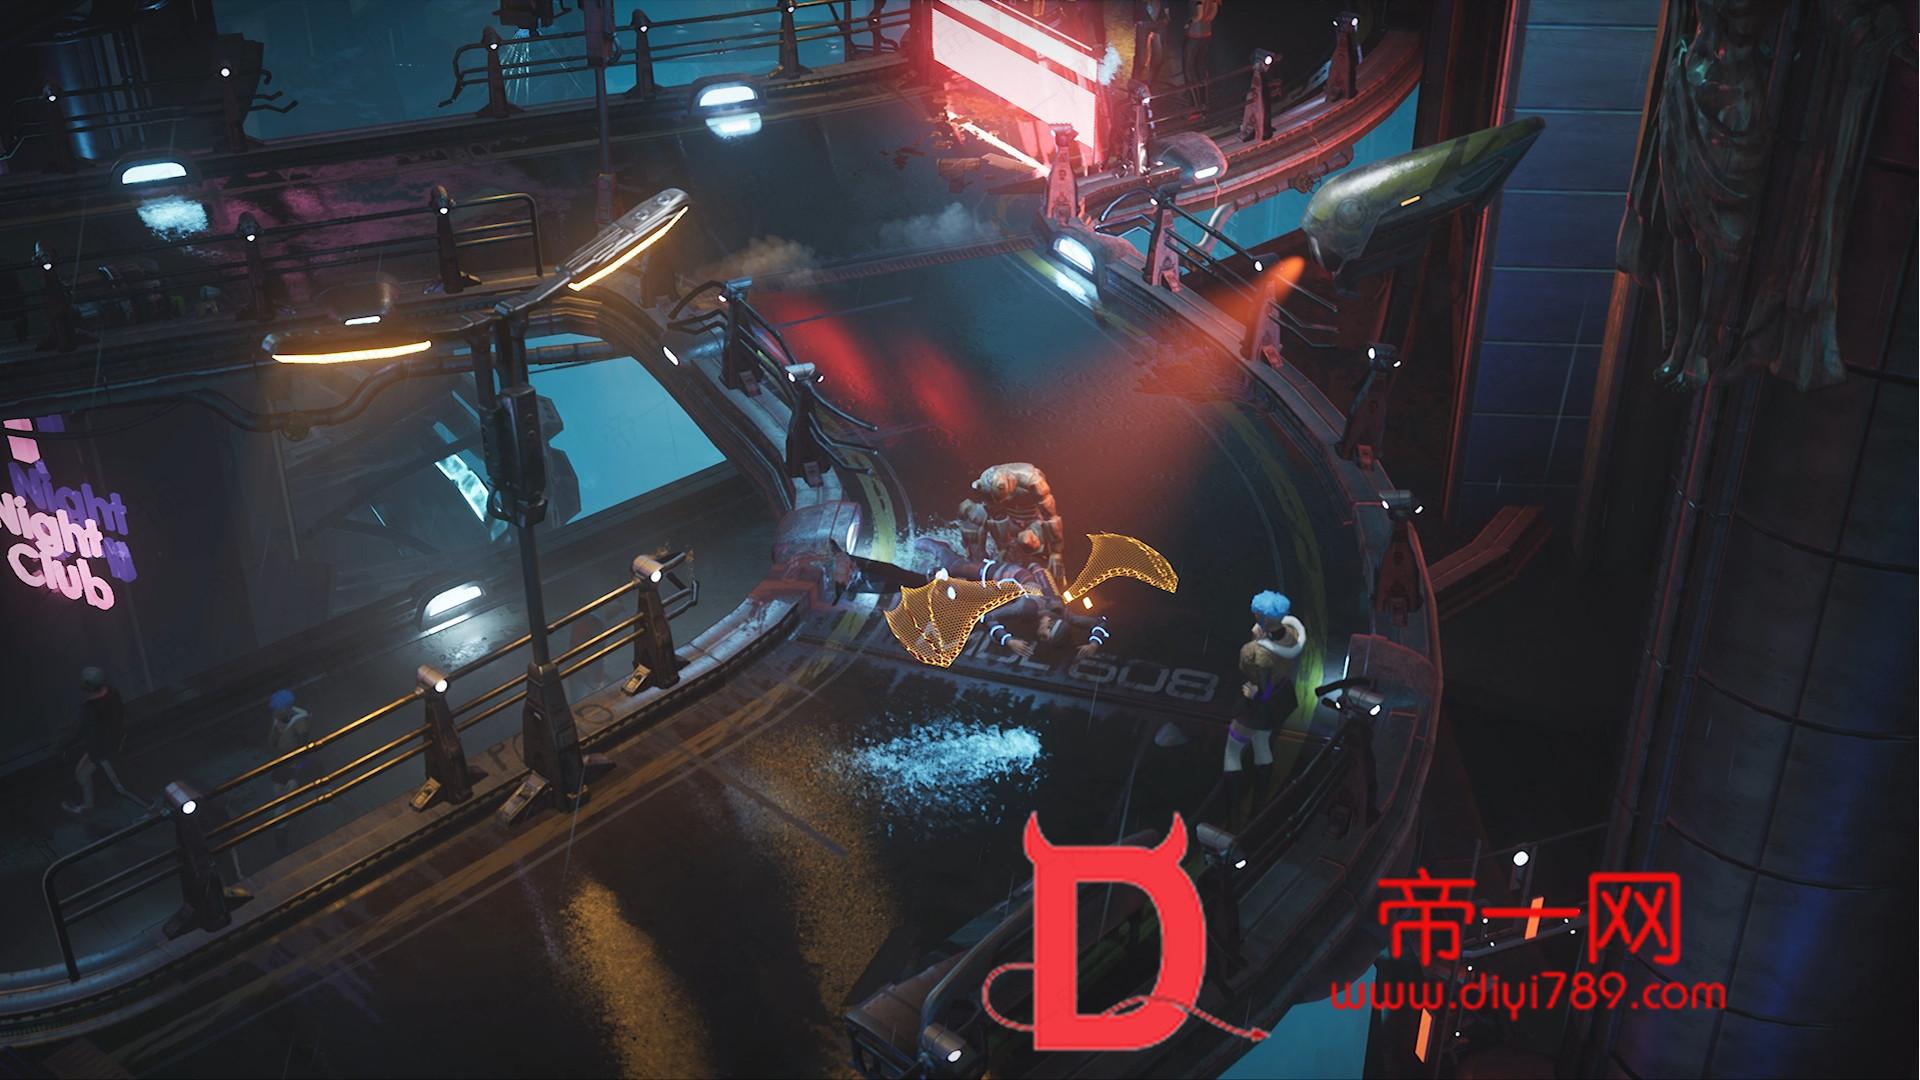 骇游侠探v1.0.45.r46254版本,并整合了之前发布的所有DLCs+更新内容